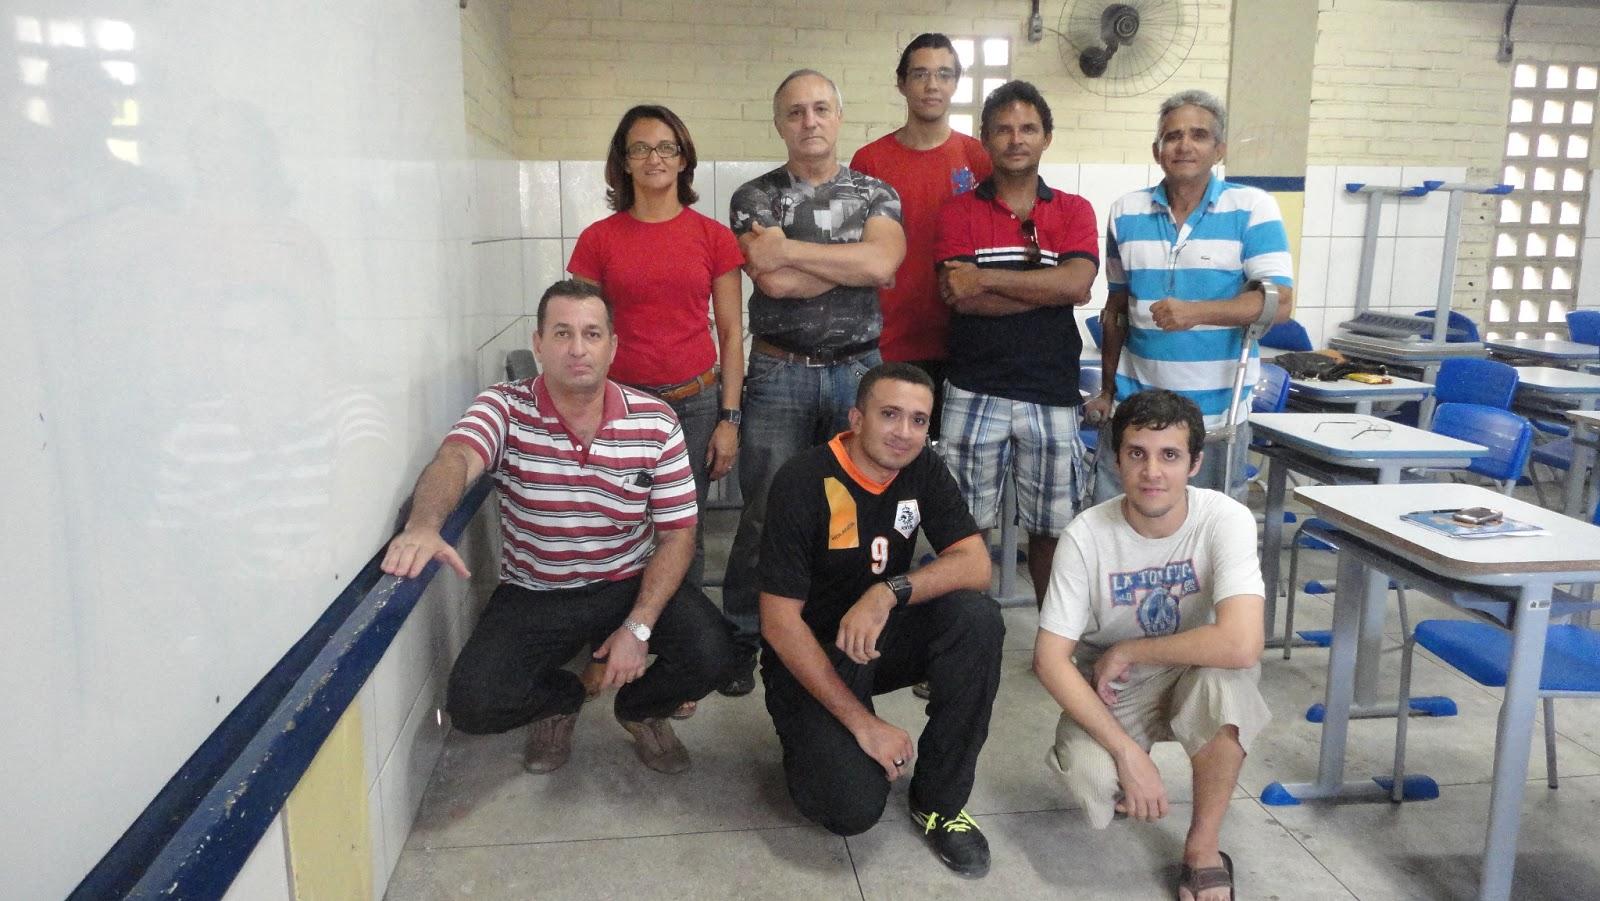 Foto Curso de Primeiros Socorros, ministrado pelo professor Hélio Simões, para alguns alunos de Karatê da Academia ARENA, em janeiro de 2013